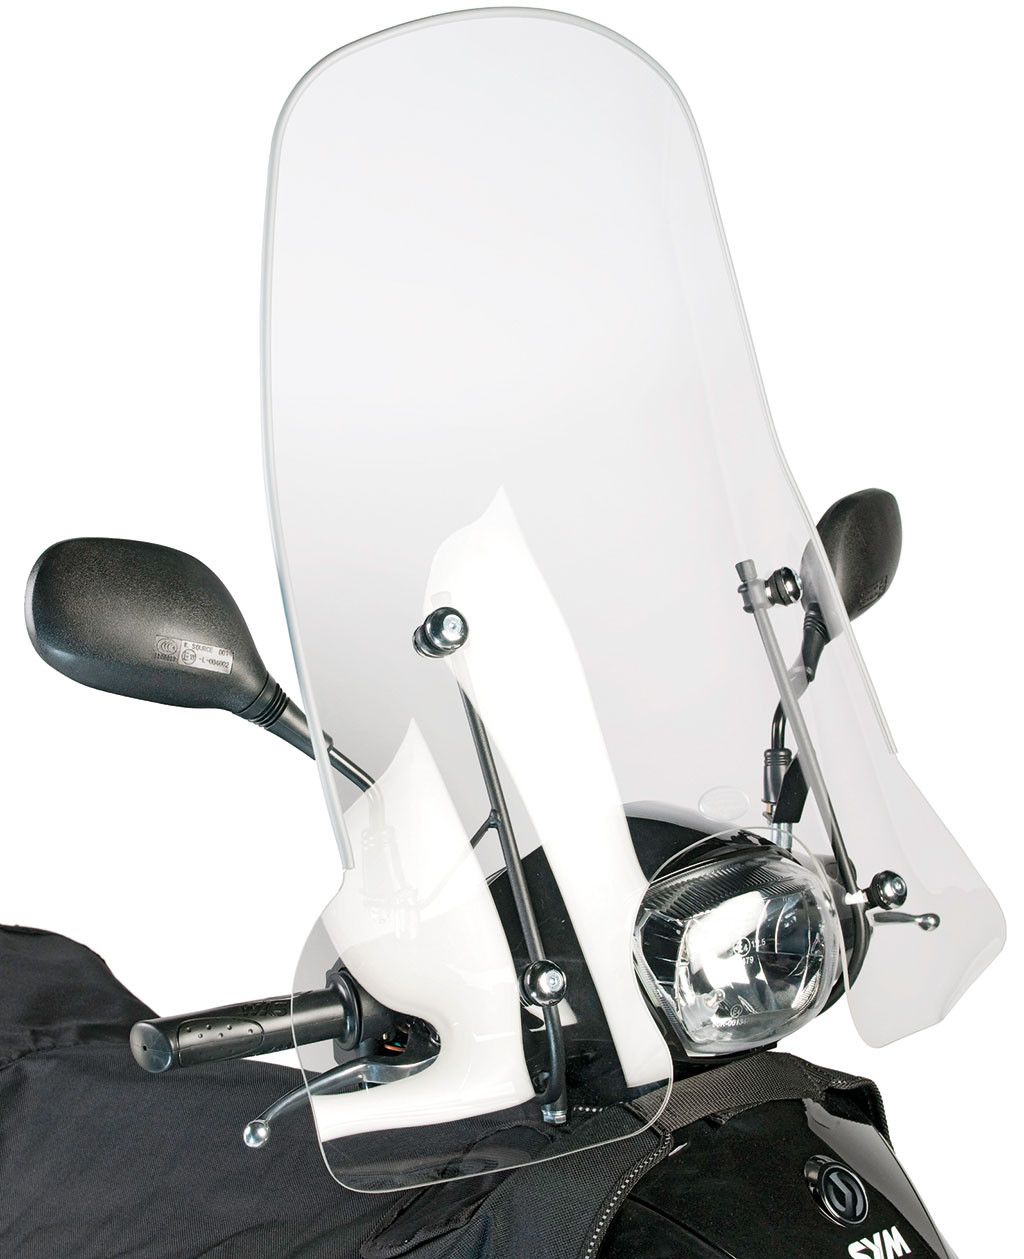 Windscherm. Peugeot. Tweet. Evo en RS. Model. Hoog. Origineel.